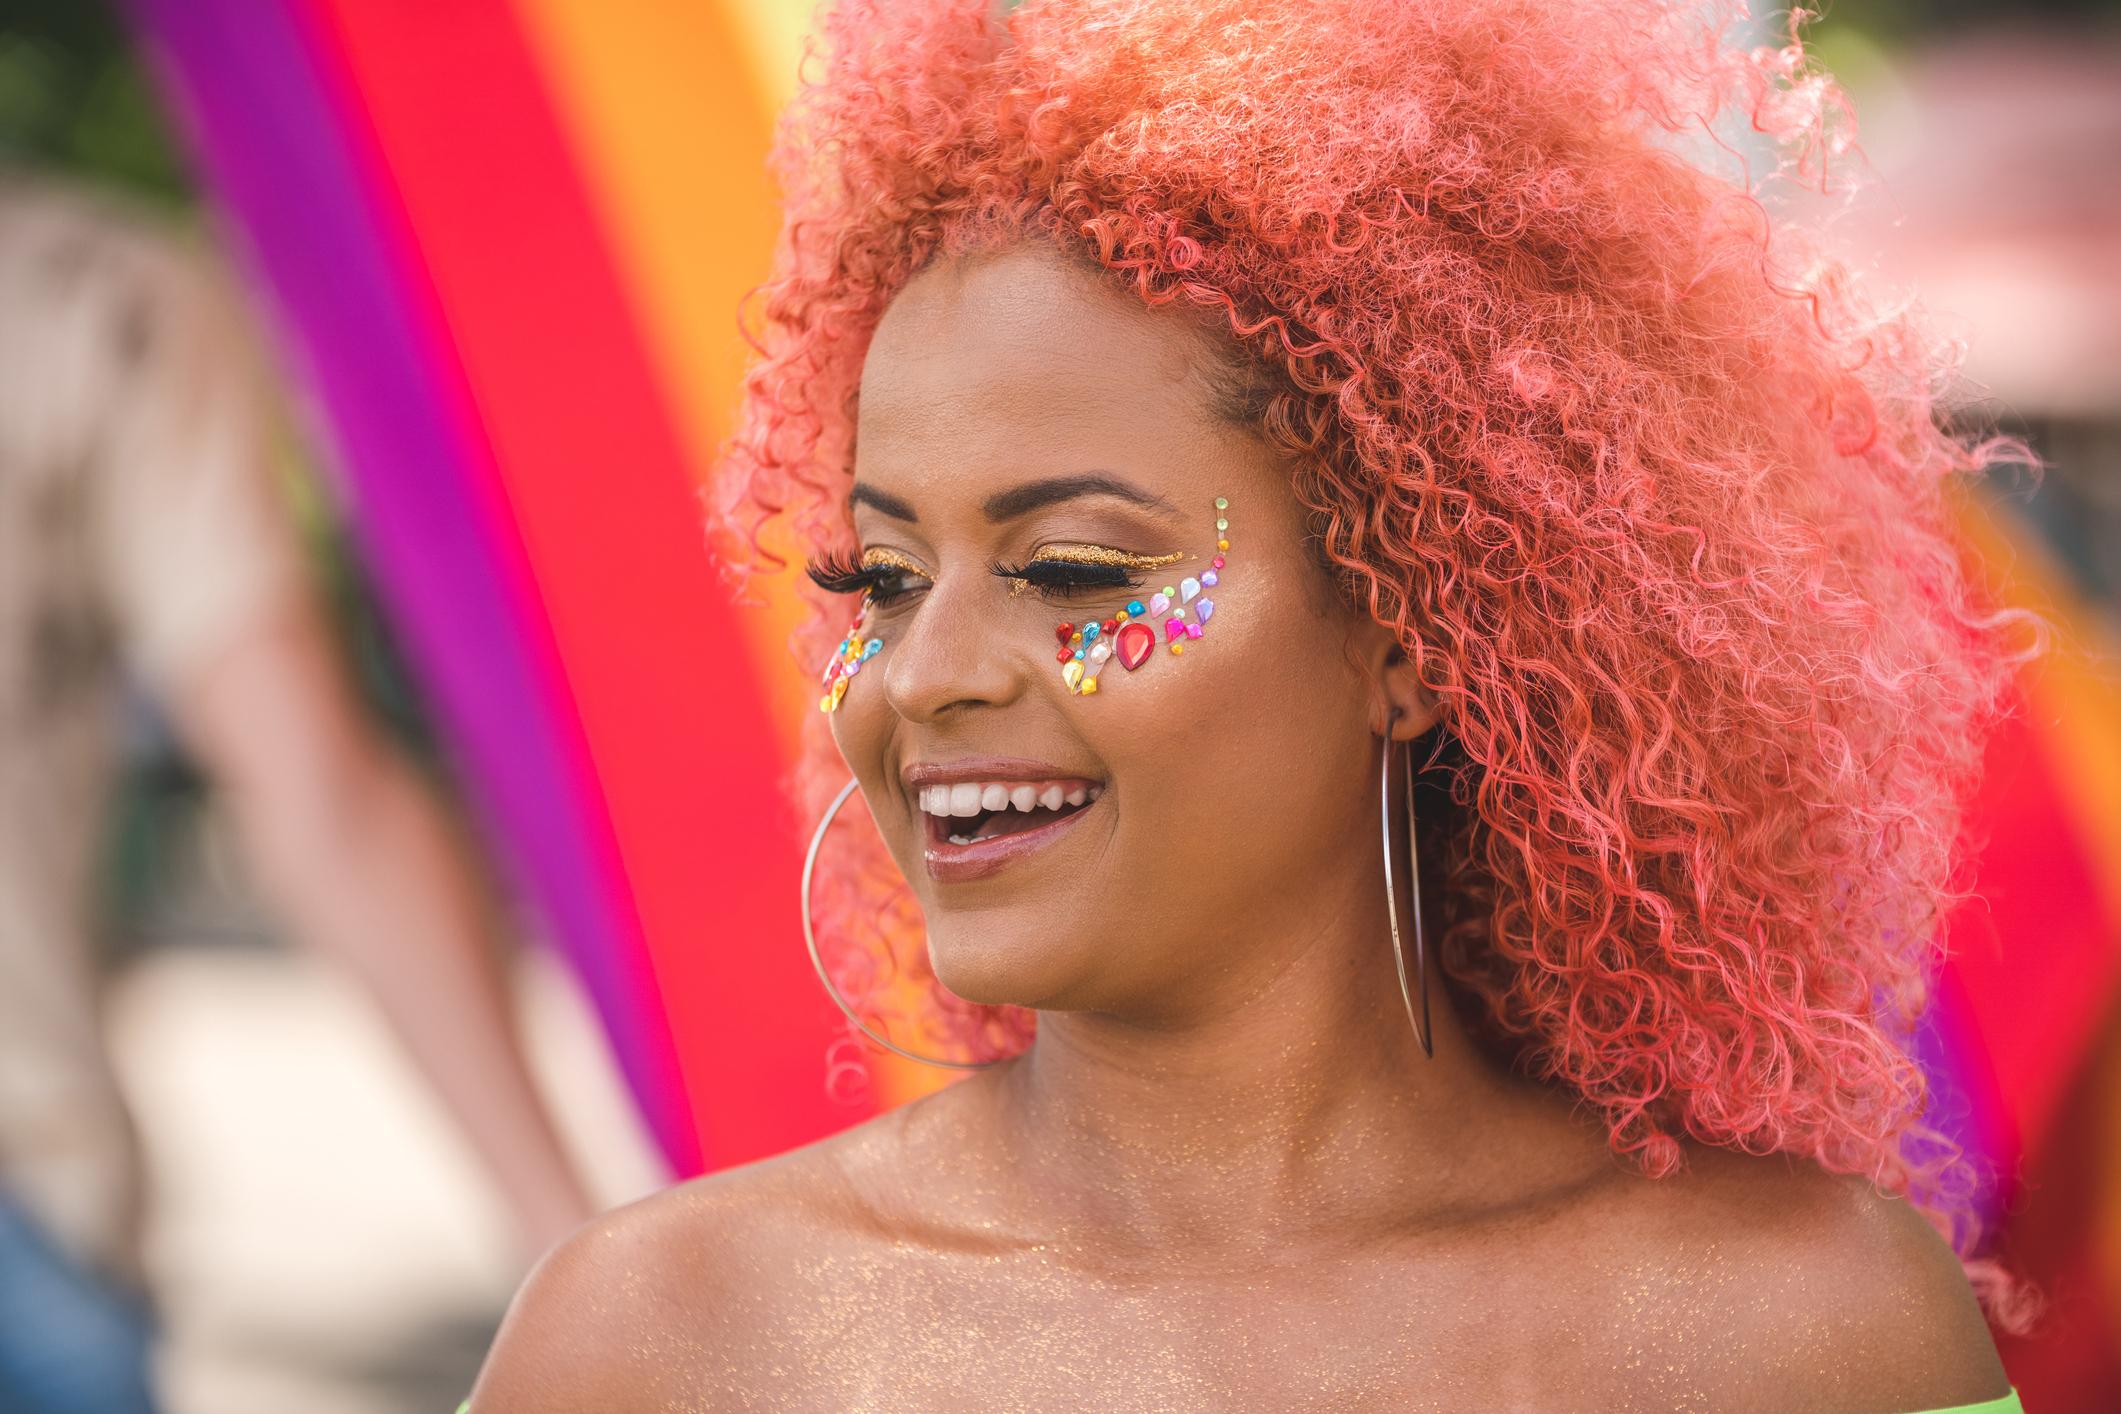 blorange hair - Dúvidas sobre cabelos coloridos? Respondemos à todas elas para você!